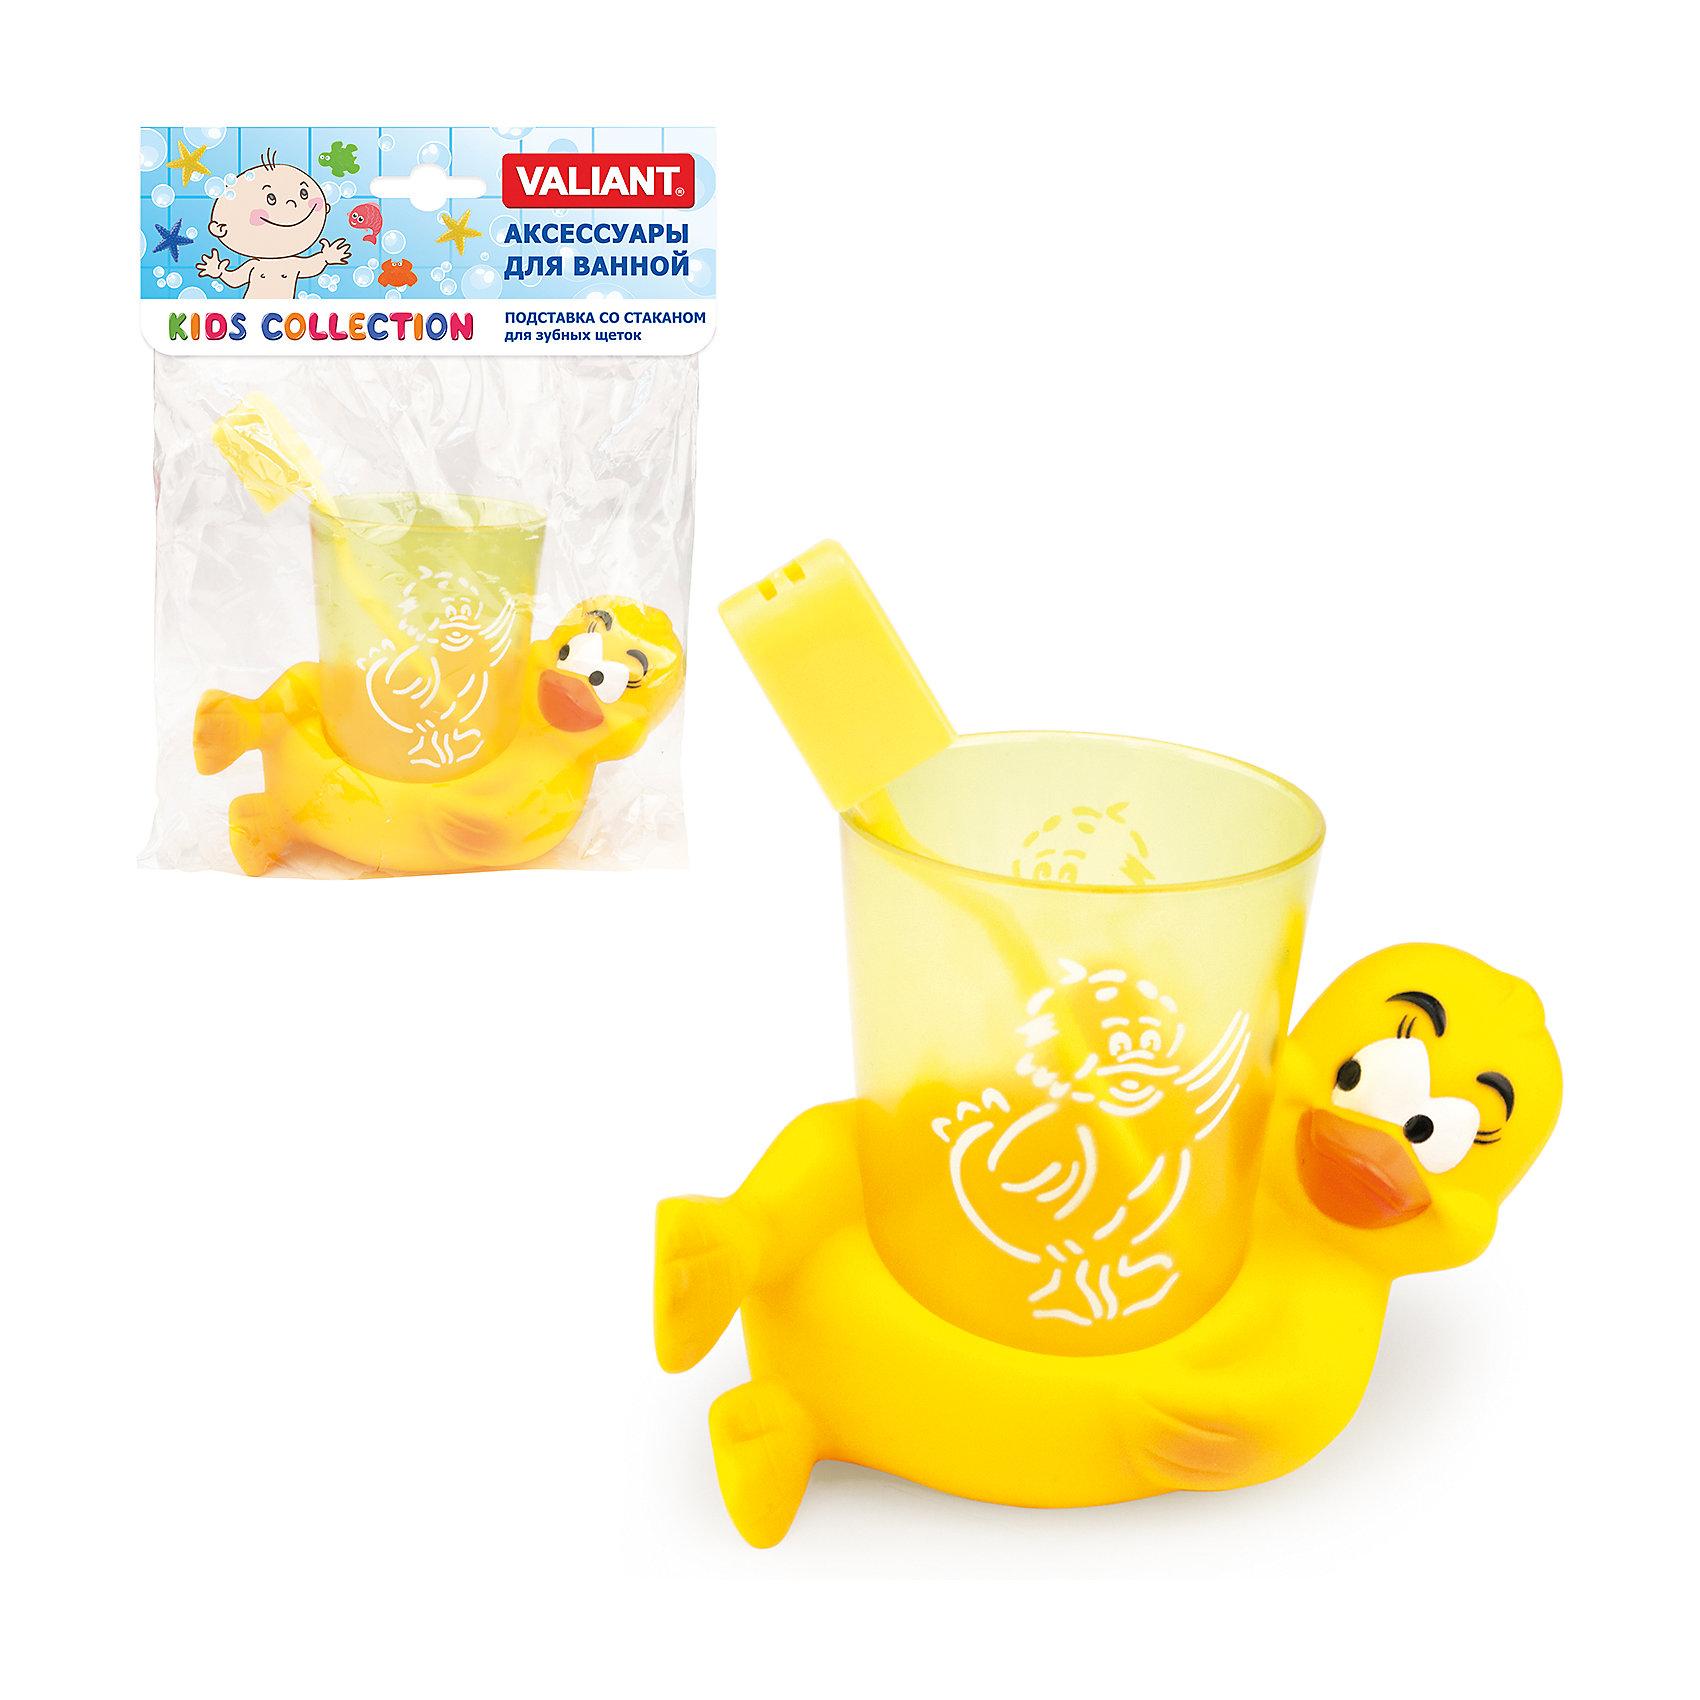 Подставка со стаканом для зубных щеток Утята, VALIANTТовары для купания<br>Подставка со стаканом для зубных щеток Утята, VALIANT.<br><br>Характеристики:<br><br>• В наборе: стакан, подставка<br>• Цвет: желтый<br>• Размер:  9,5х8х3,5 см.<br>• Материал: ПВХ без фталатов<br>• Упаковка: PP пакет<br><br>Подставка со стаканом для зубных щеток Утята - яркий, весёлый и полезный аксессуар в ванную комнату! Набор отлично впишется в интерьер, и, несомненно, понравится малышу. С глазастым, желтым утенком будет легко приучить малыша к ежедневной гигиене. Набор изготовлен из абсолютно безопасного материала.<br><br>Подставку со стаканом для зубных щеток Утята, VALIANT можно купить в нашем интернет-магазине.<br><br>Ширина мм: 150<br>Глубина мм: 70<br>Высота мм: 150<br>Вес г: 167<br>Возраст от месяцев: 36<br>Возраст до месяцев: 144<br>Пол: Унисекс<br>Возраст: Детский<br>SKU: 5427695